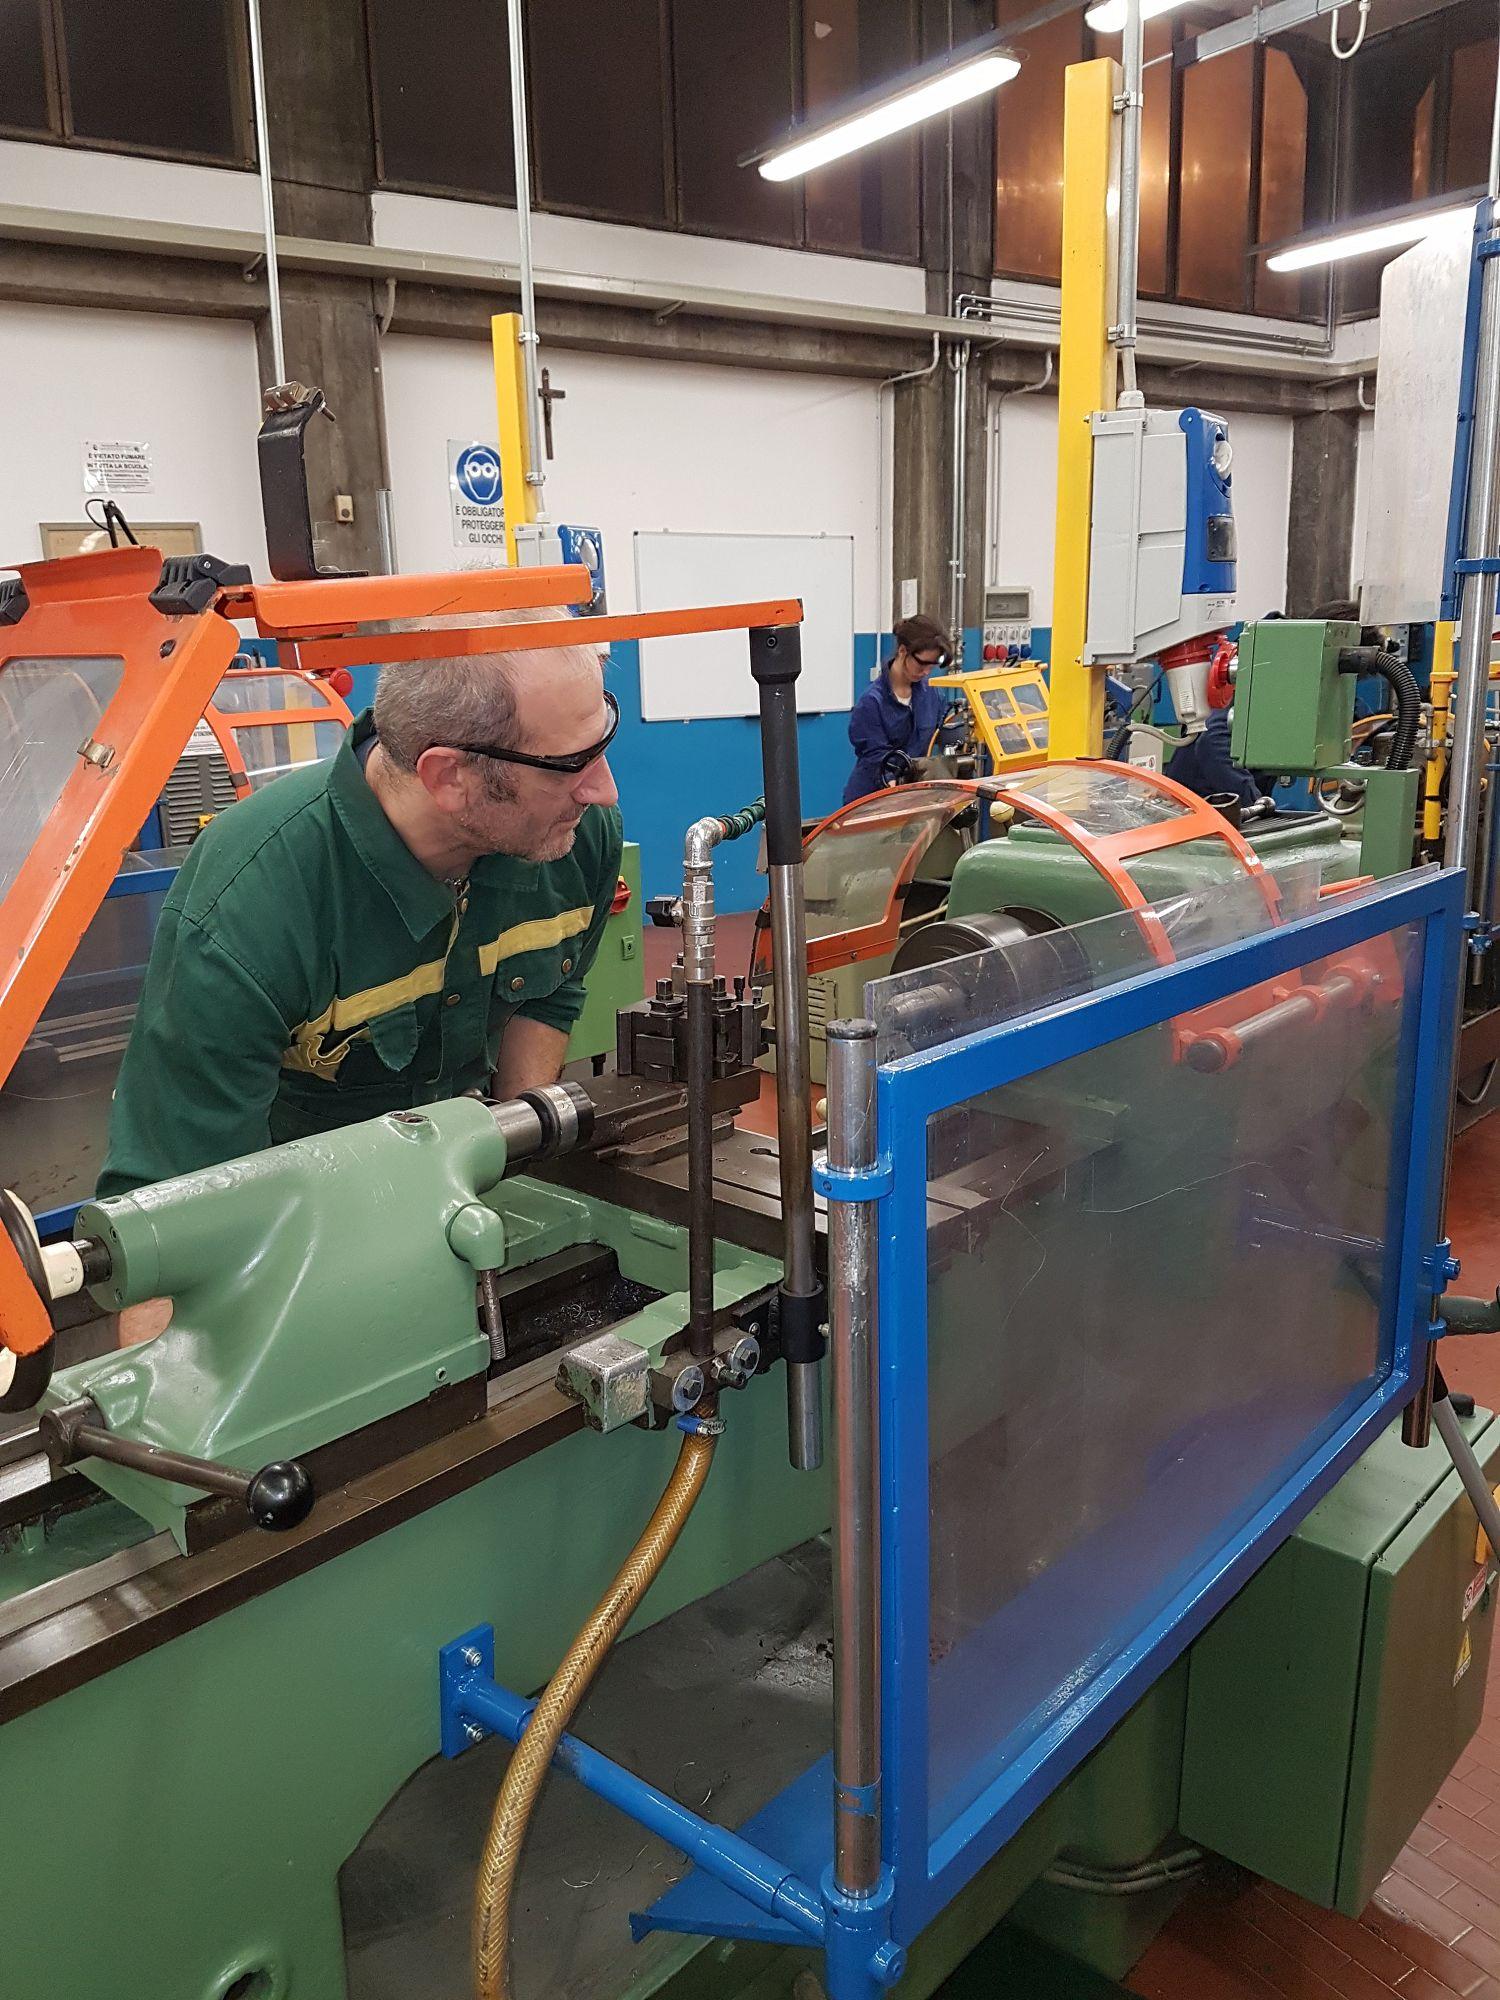 Azioni di lavorazione al Tornio in Officina meccanica.